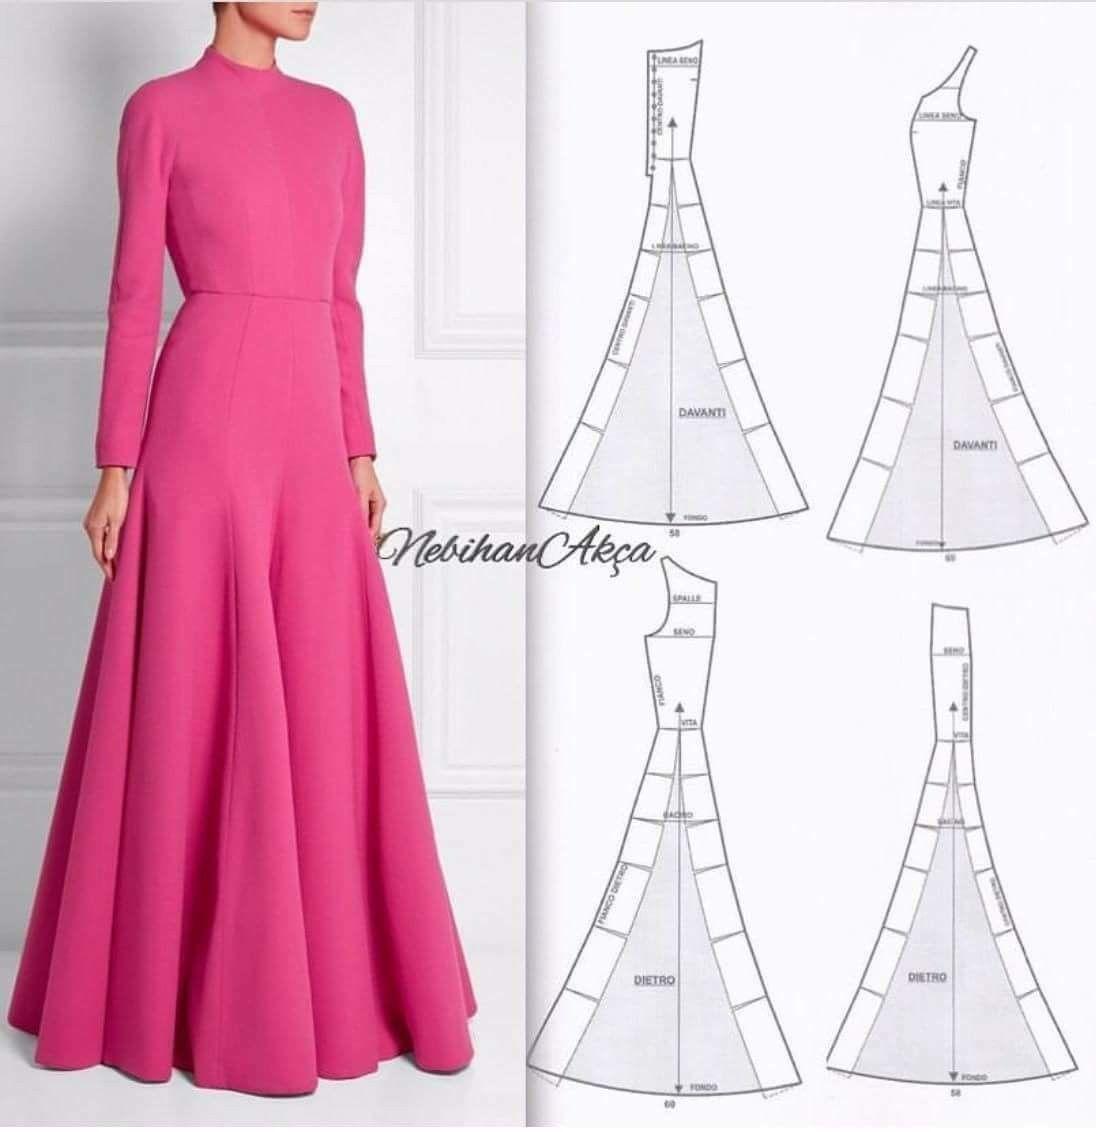 Pin de Zubeyde en elbise | Pinterest | Molde, Moldes para vestidos y ...